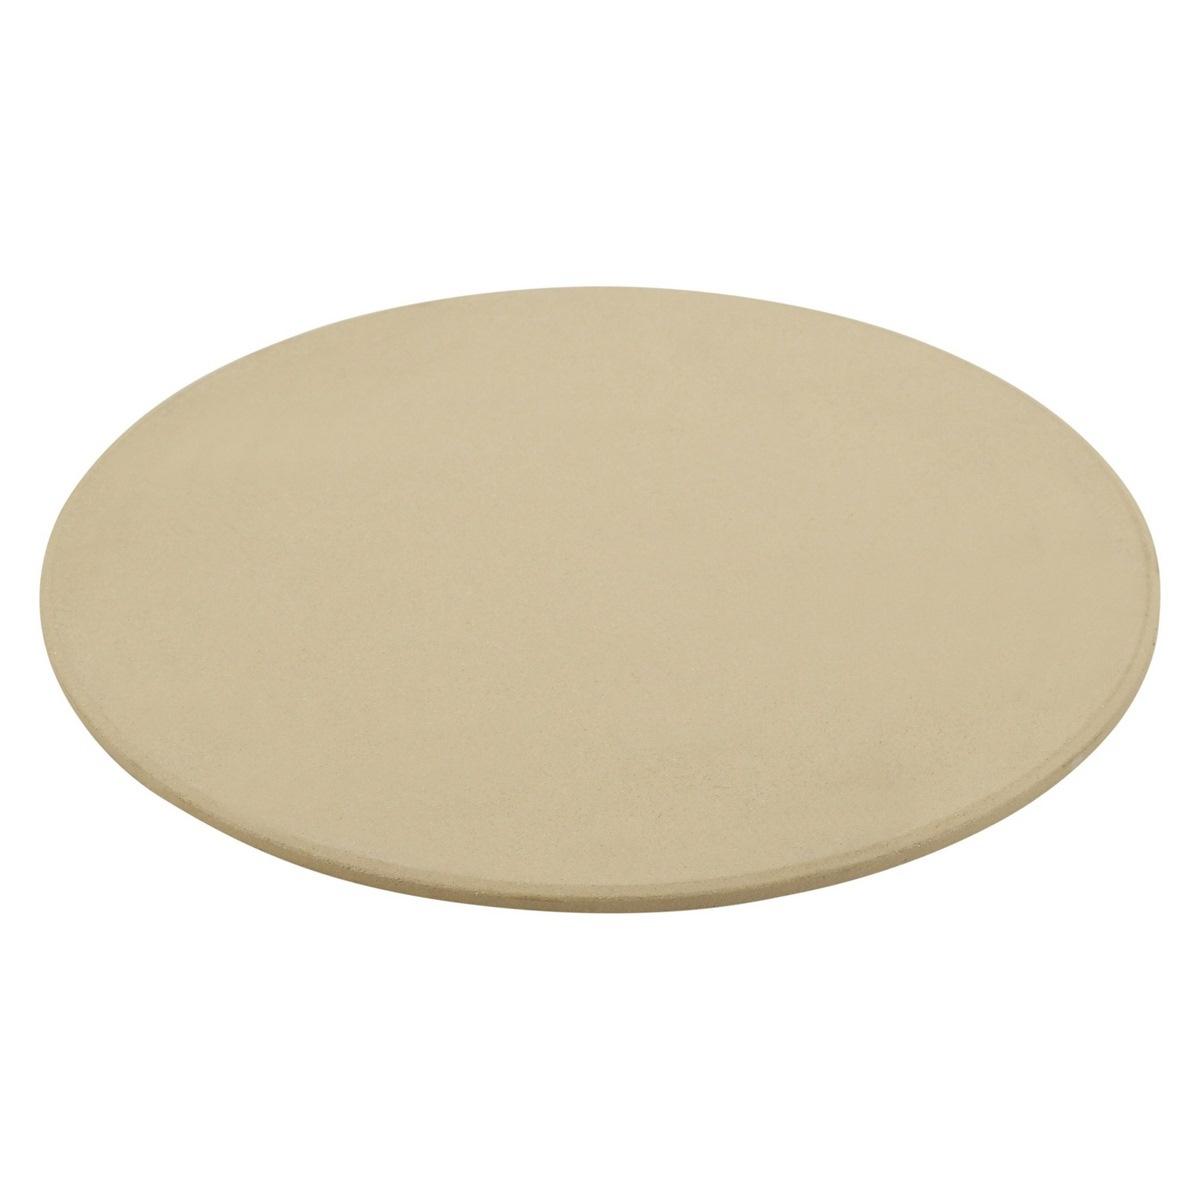 Cattara Liatinový grilovací plát Pizza pre grily Royal classic a Royal grande, 31 cm